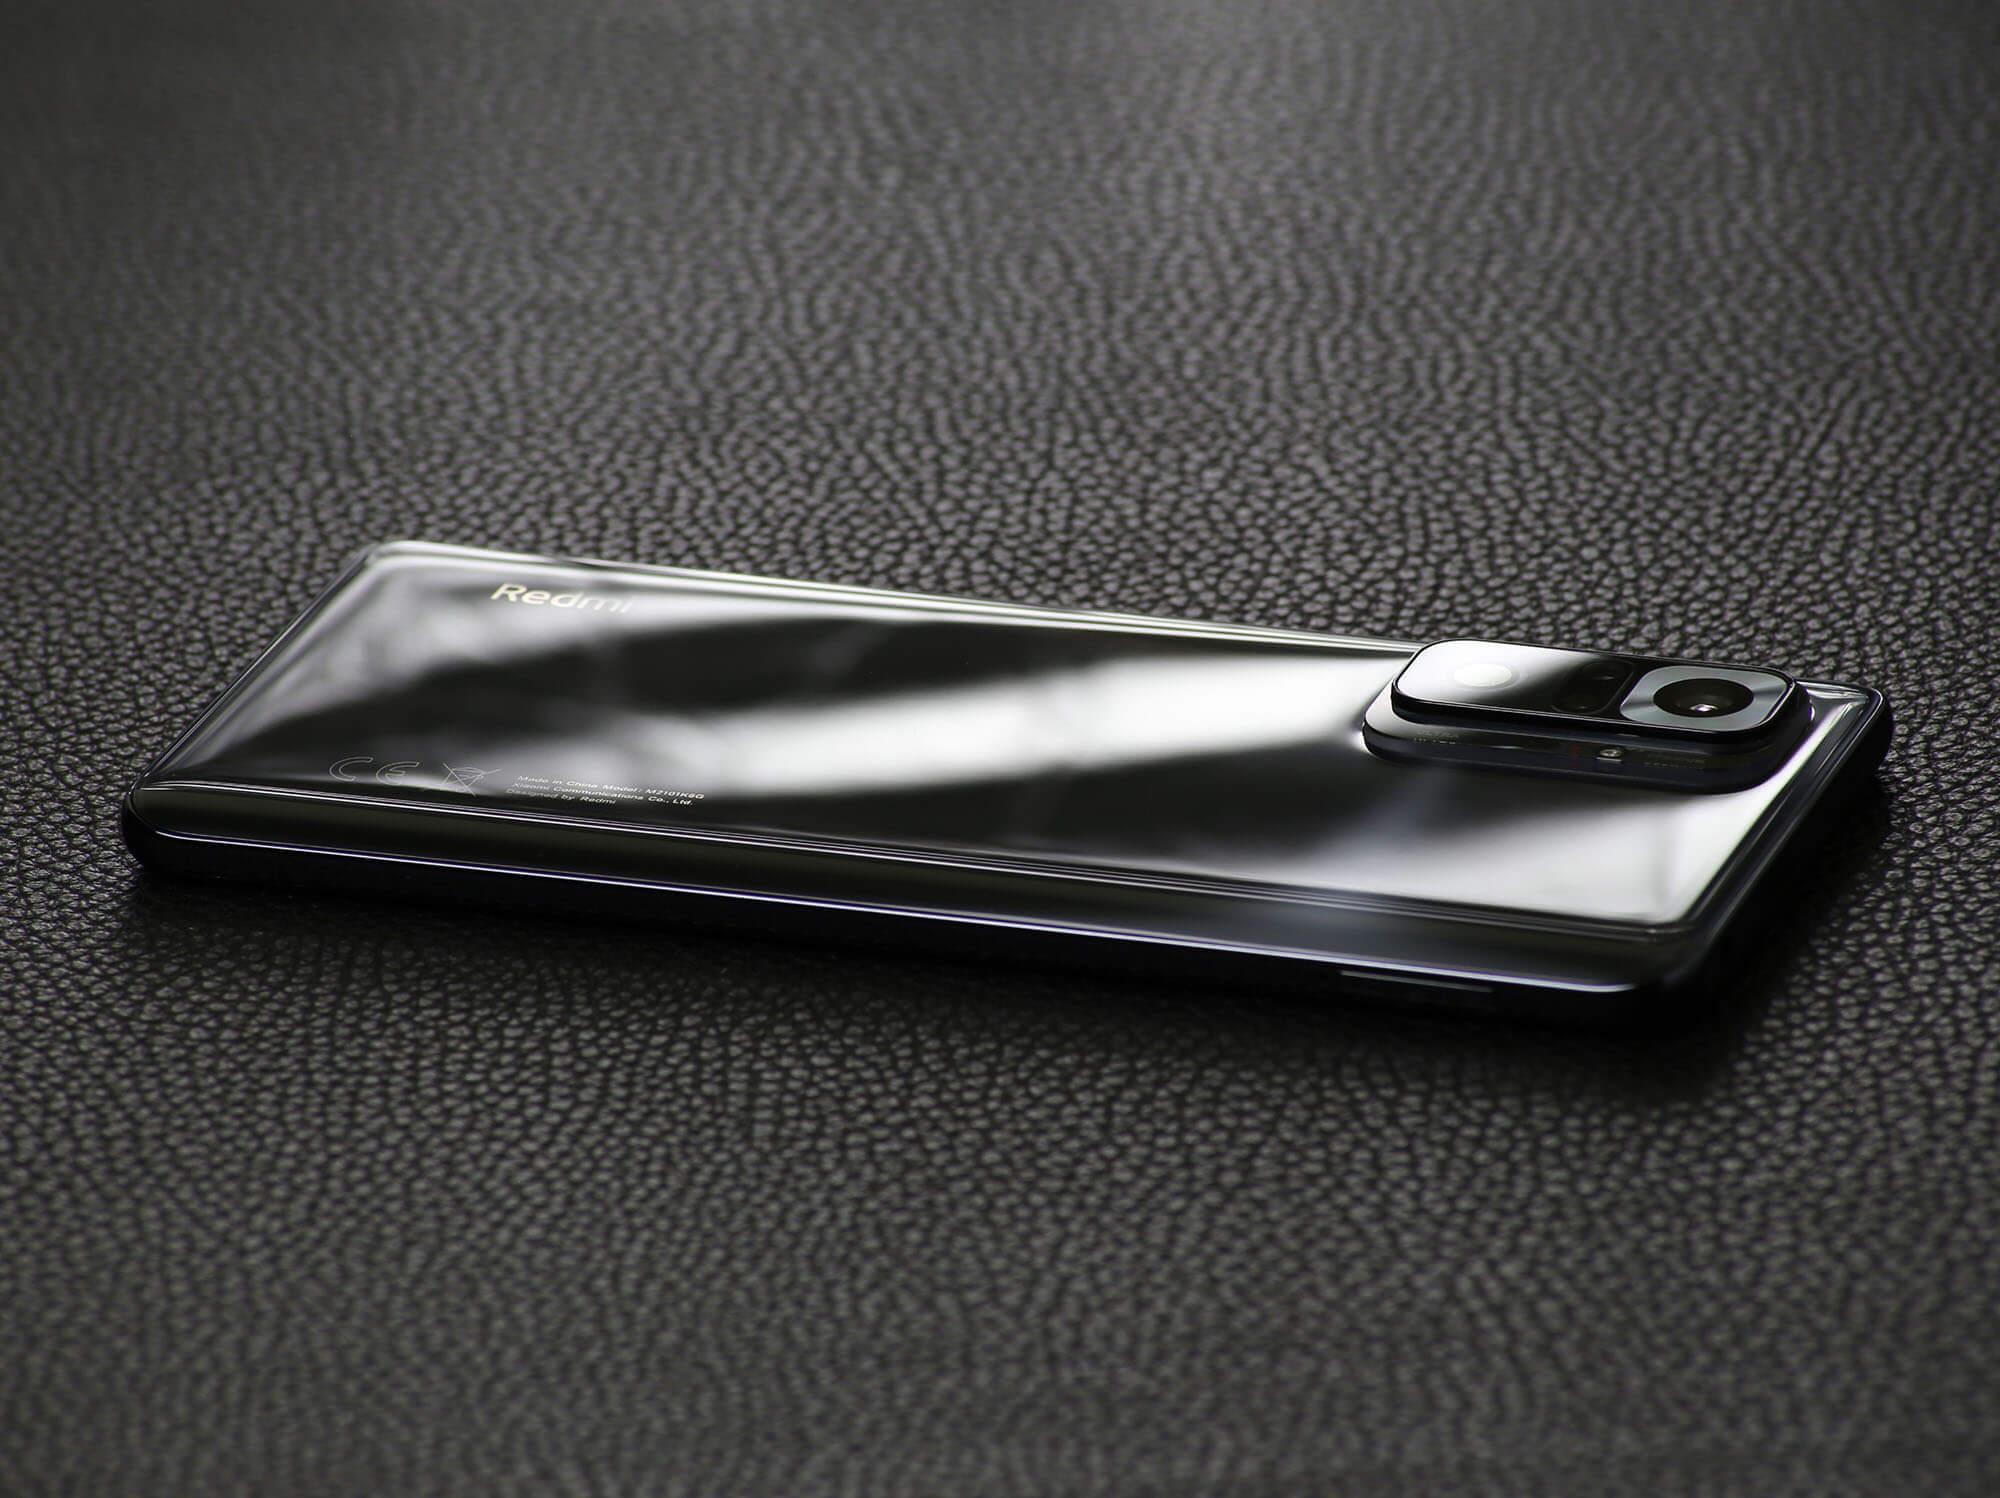 Redmi Note 10 ProはMi Note 10 Lite、Mi Note 10と比較しても見劣りしない高級感